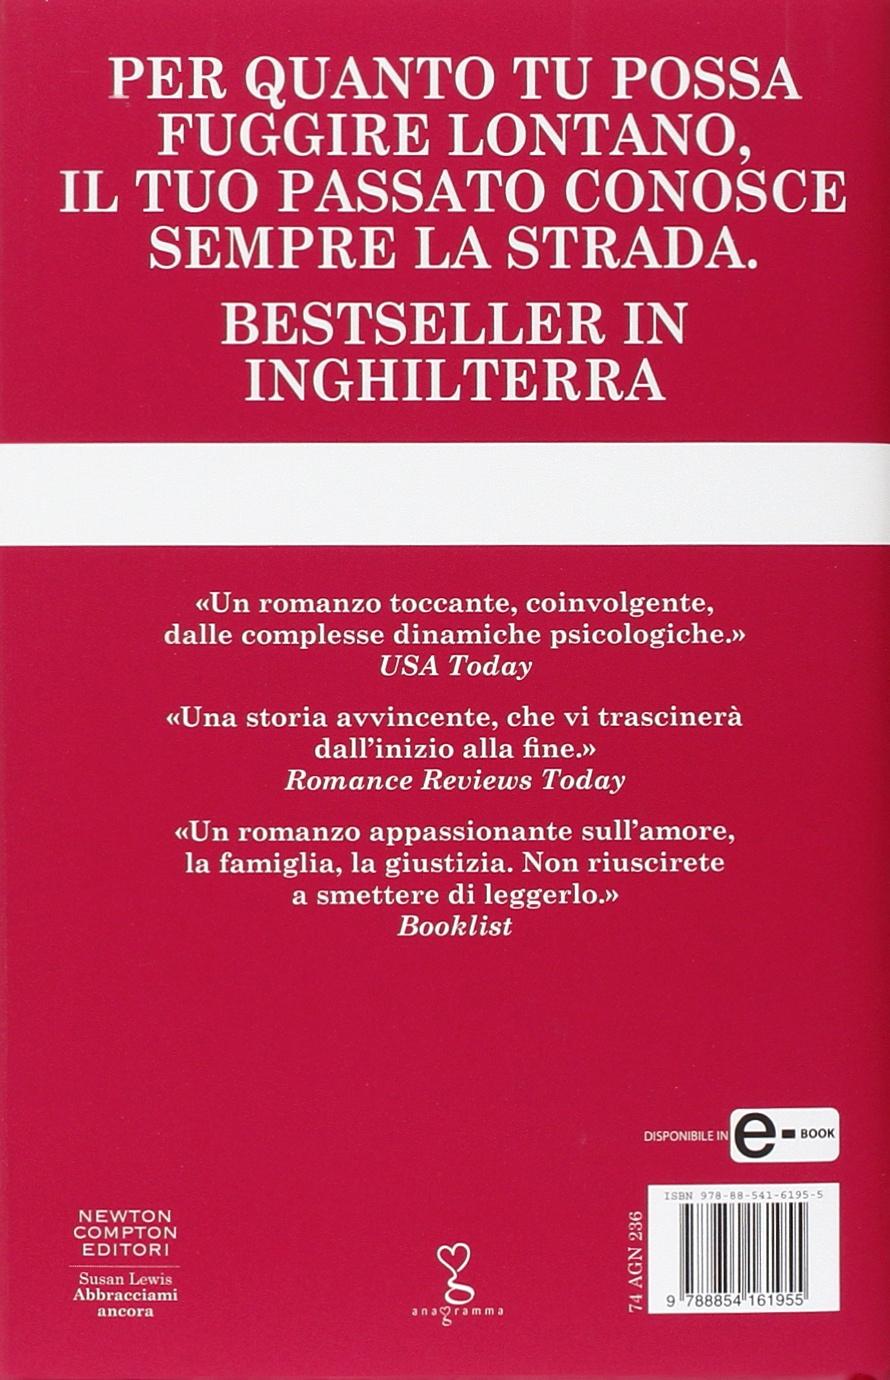 ABBRACCIAMI ANCORA PDF DOWNLOAD